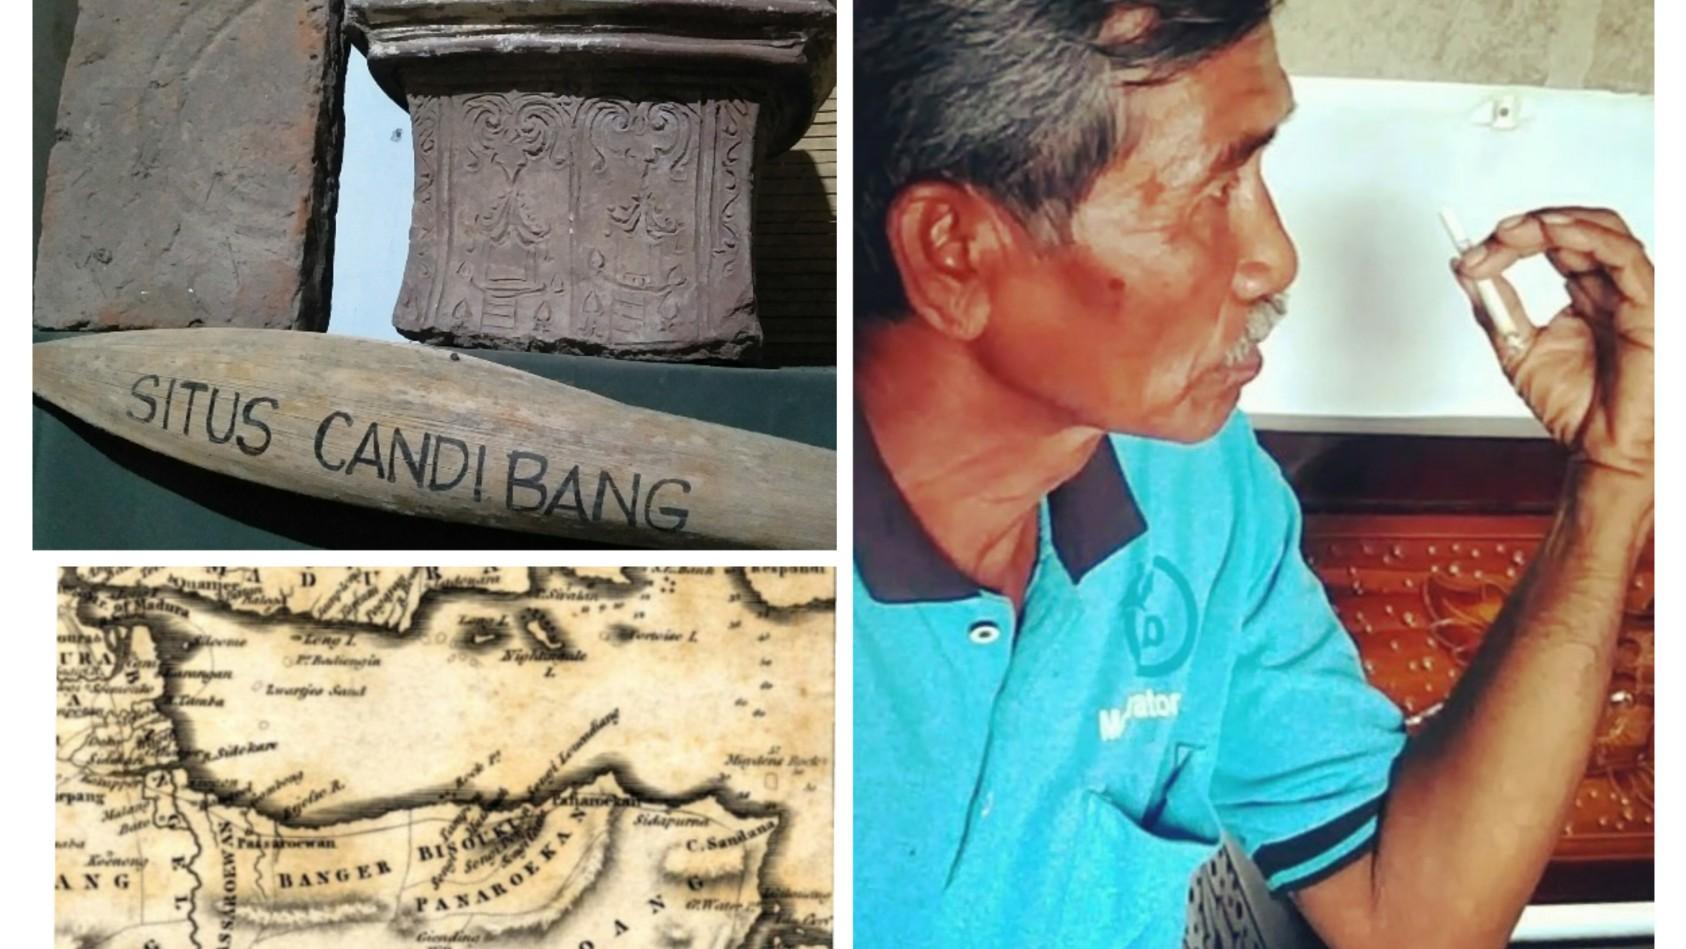 Dugaan Struktur Kuna di Candi Bang Situbondo Terkuak